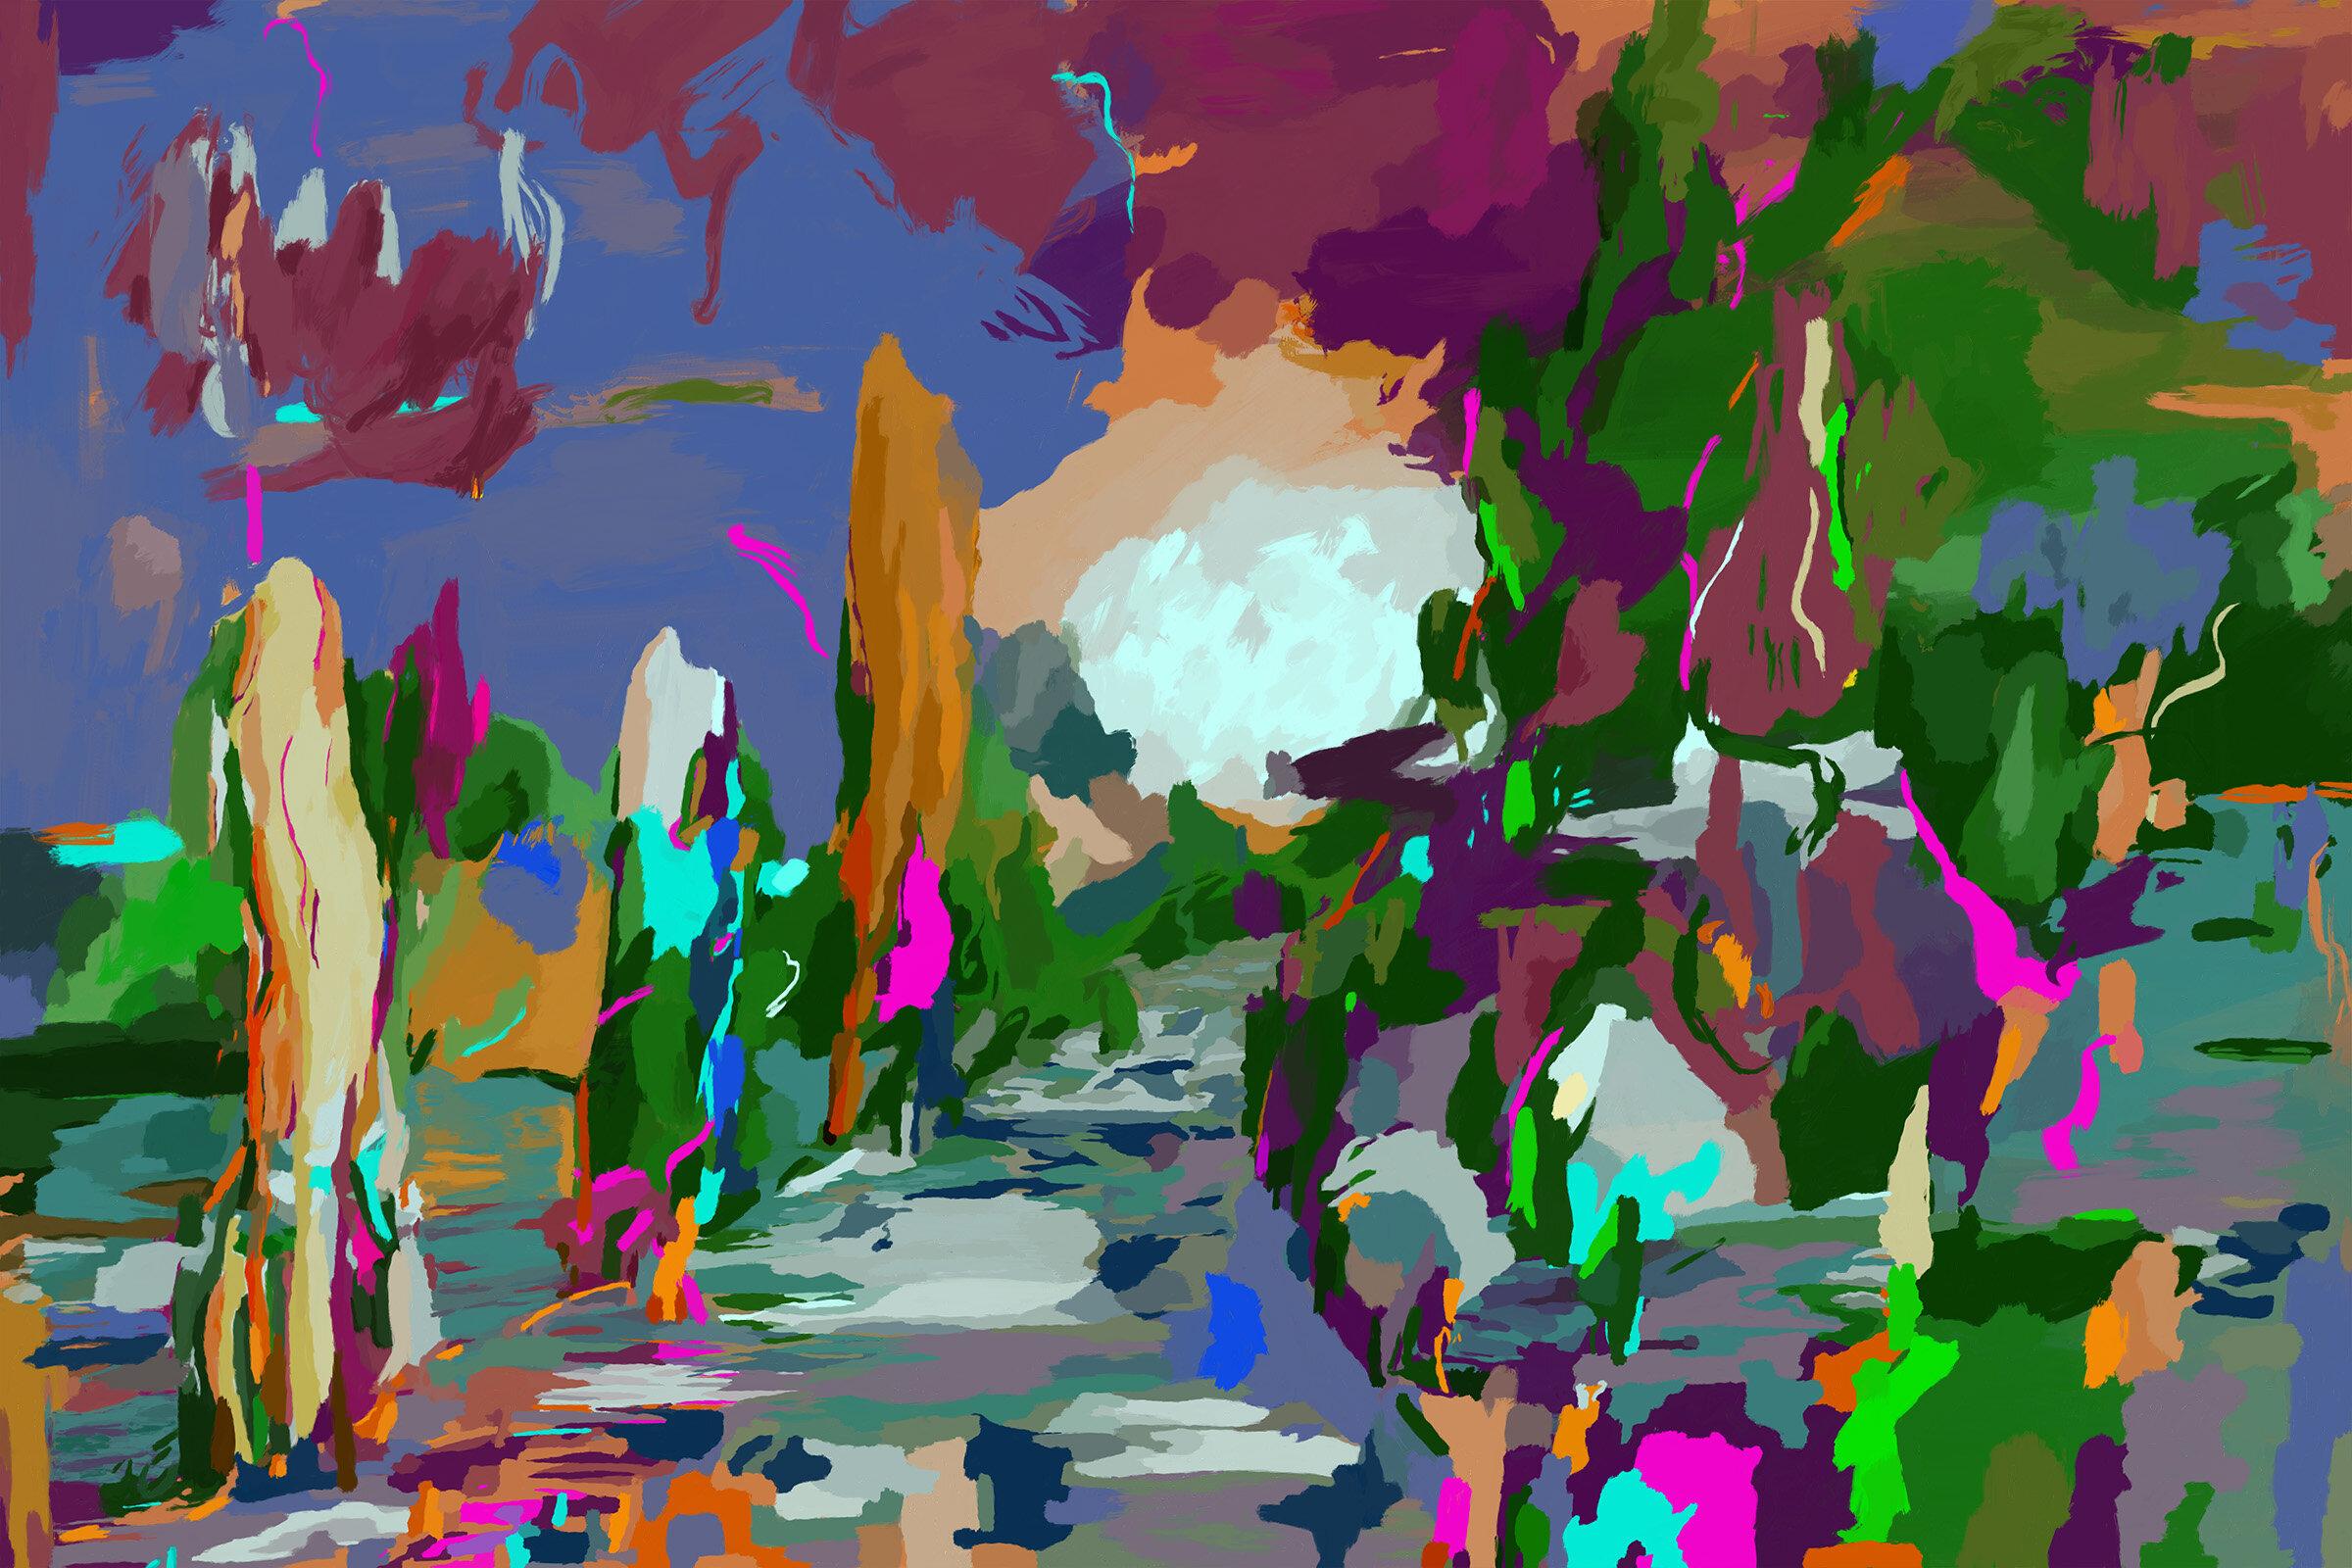 Obama Landscape, Patrick Earle